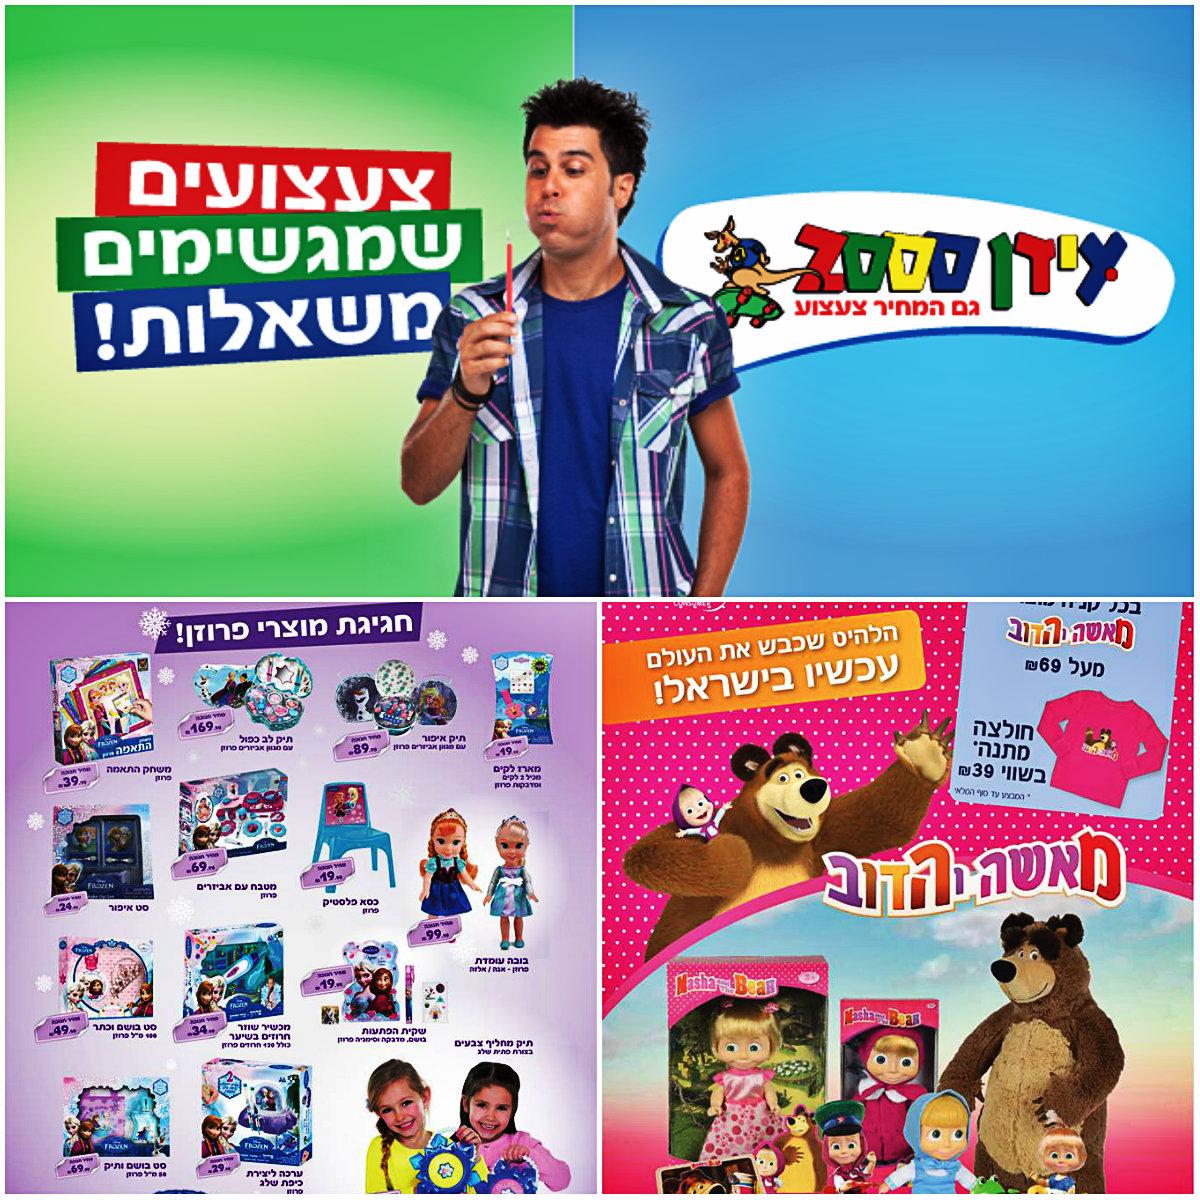 Ханукальные деньги: новые игры и игрушкик Хануке в сети «Идан 2000»